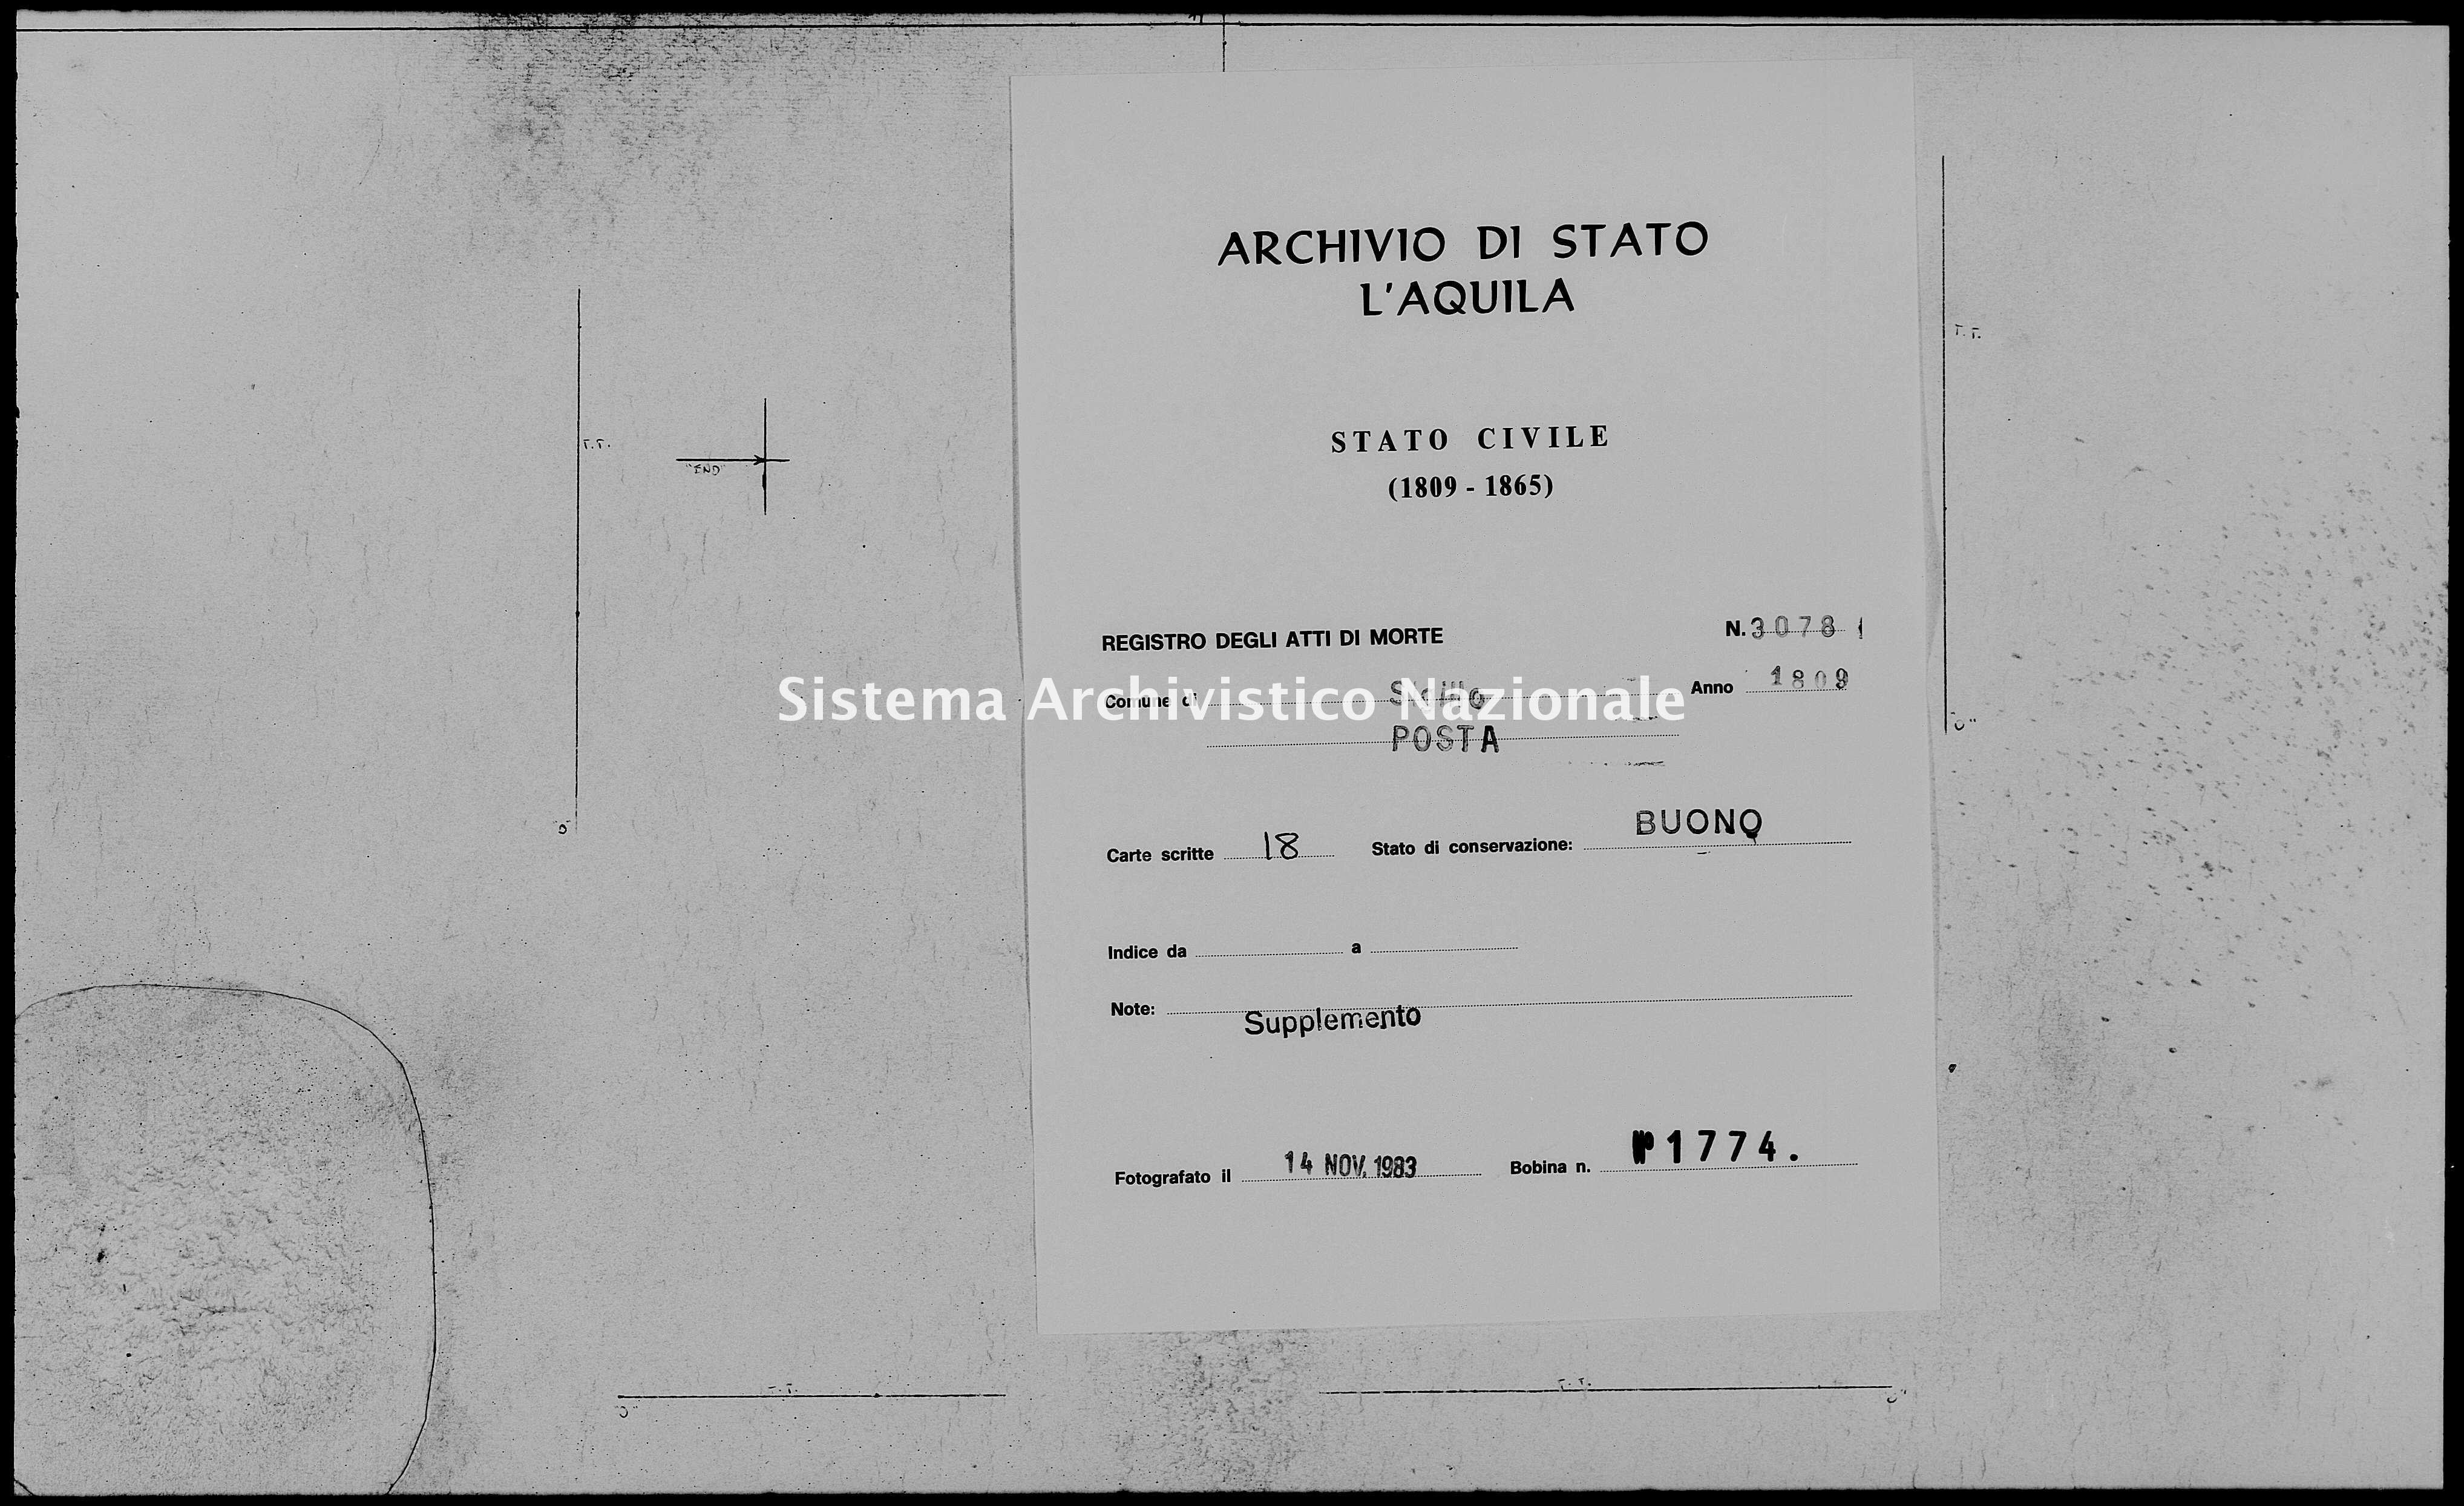 Archivio di stato di L'aquila - Stato civile napoleonico - Sigillo - Morti, dichiarazioni - 1809 - 3078 -